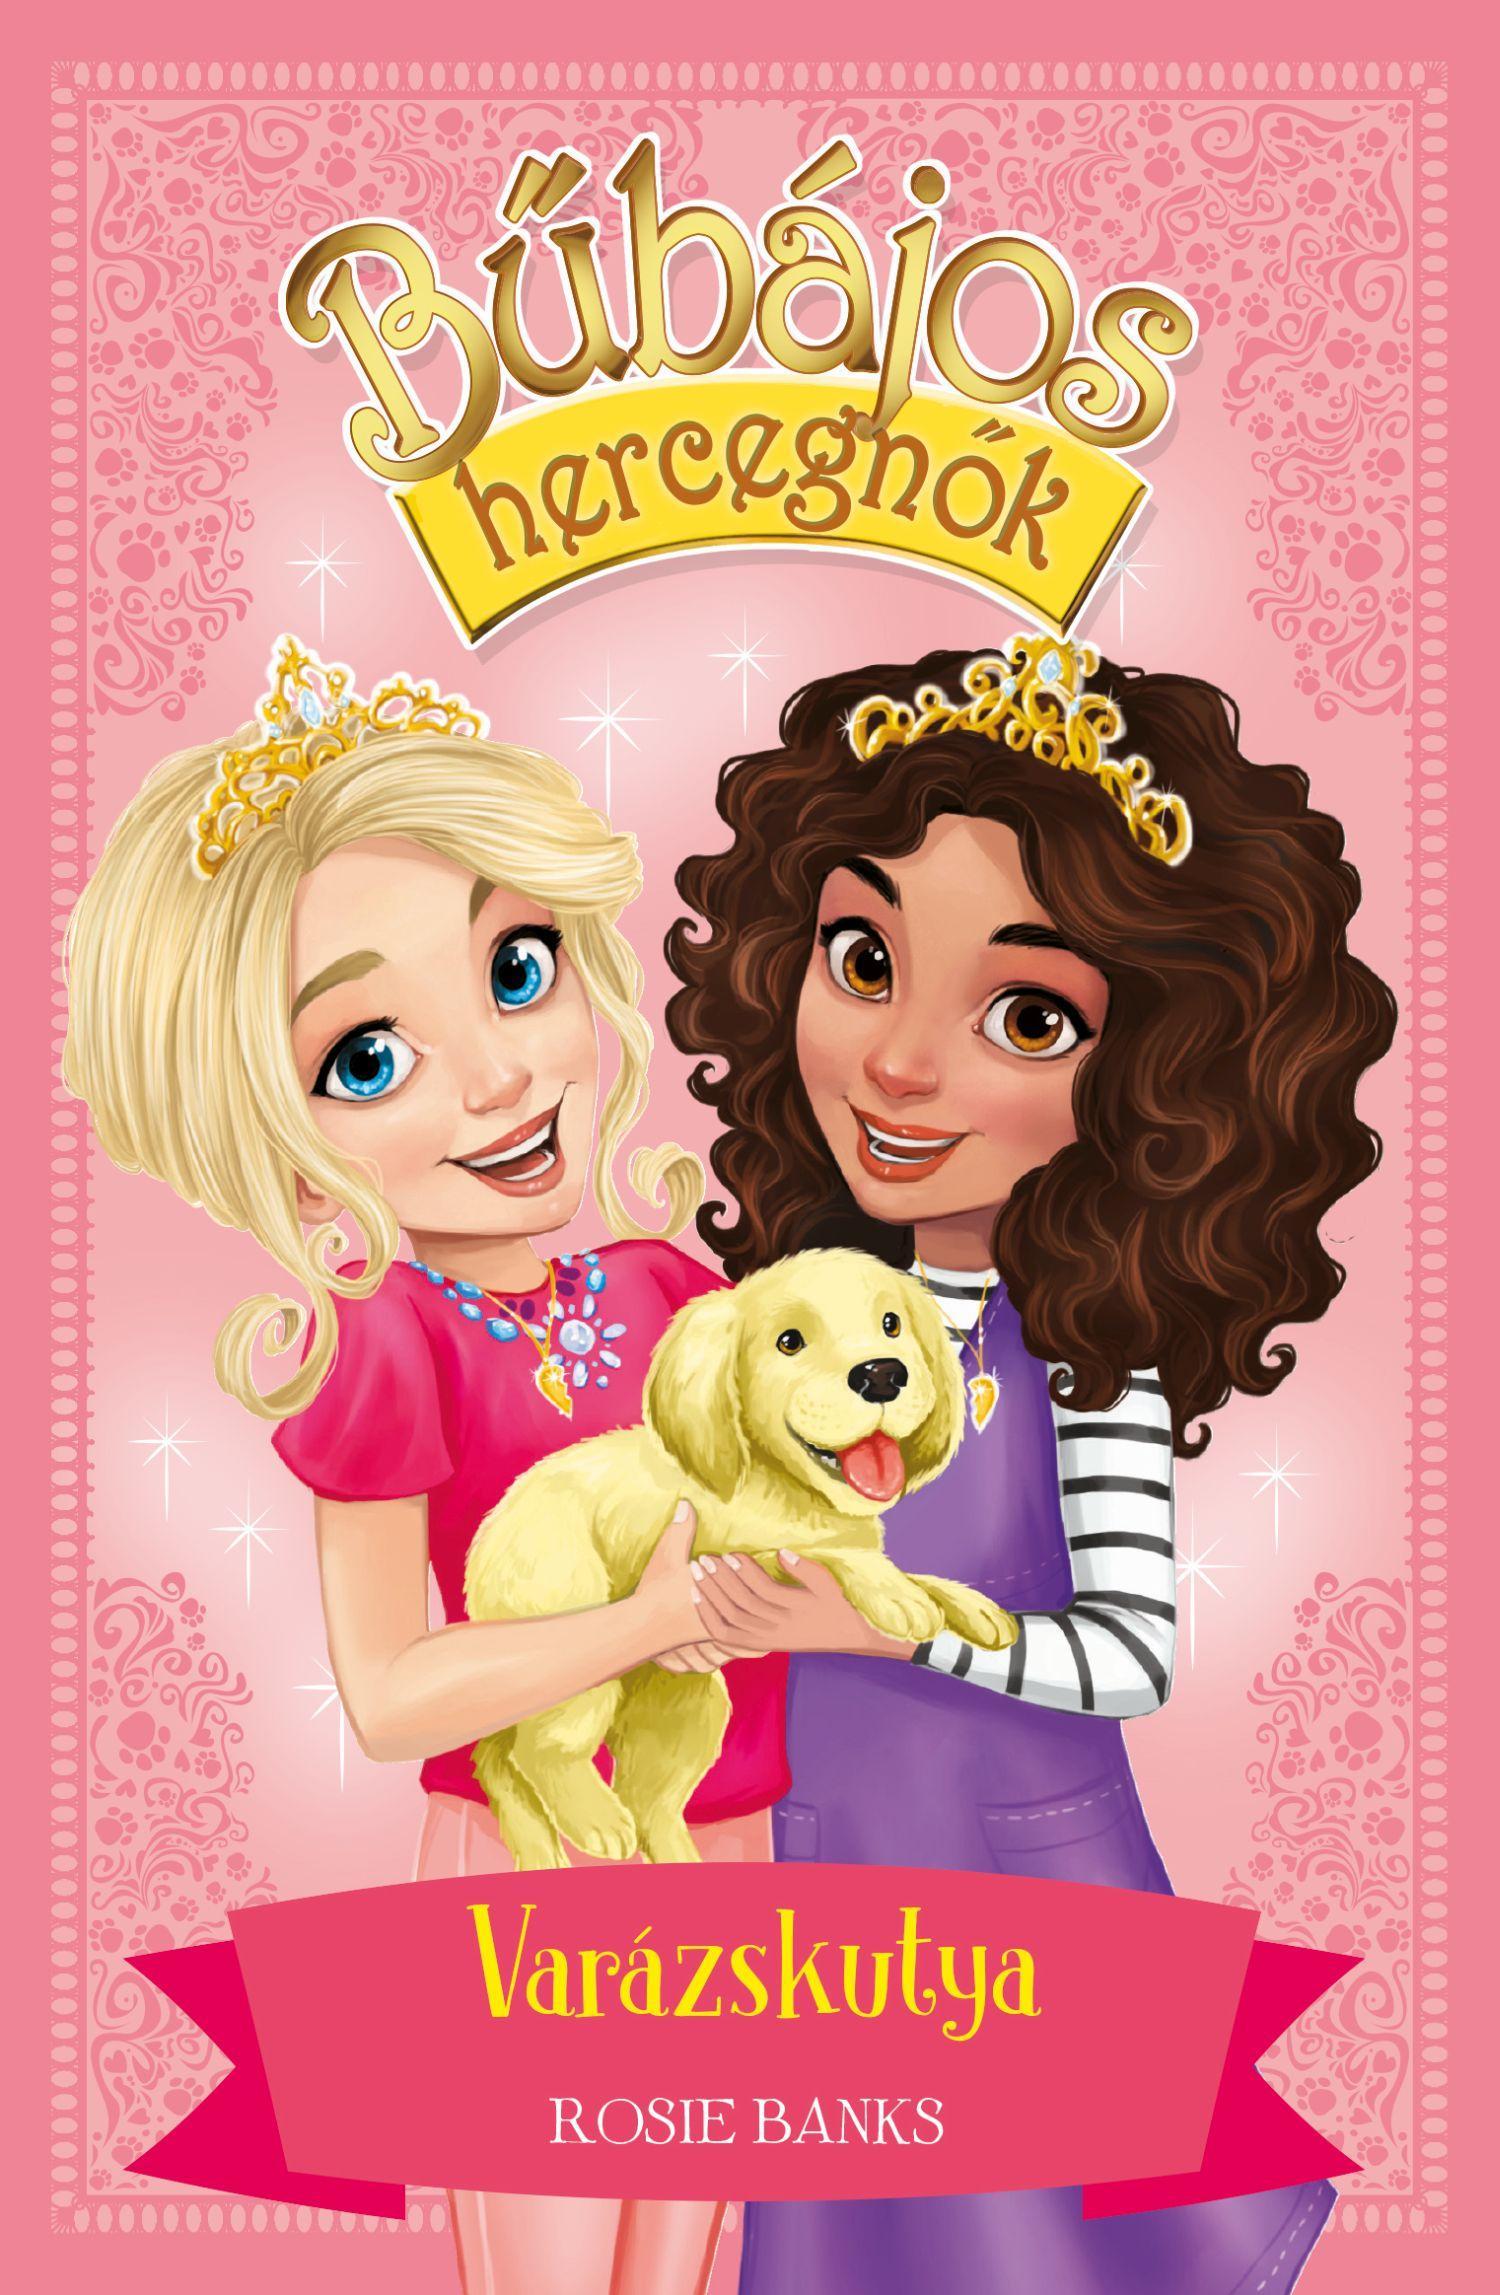 Rosie Banks - Bűbájos hercegnők 5. - Varázskutya